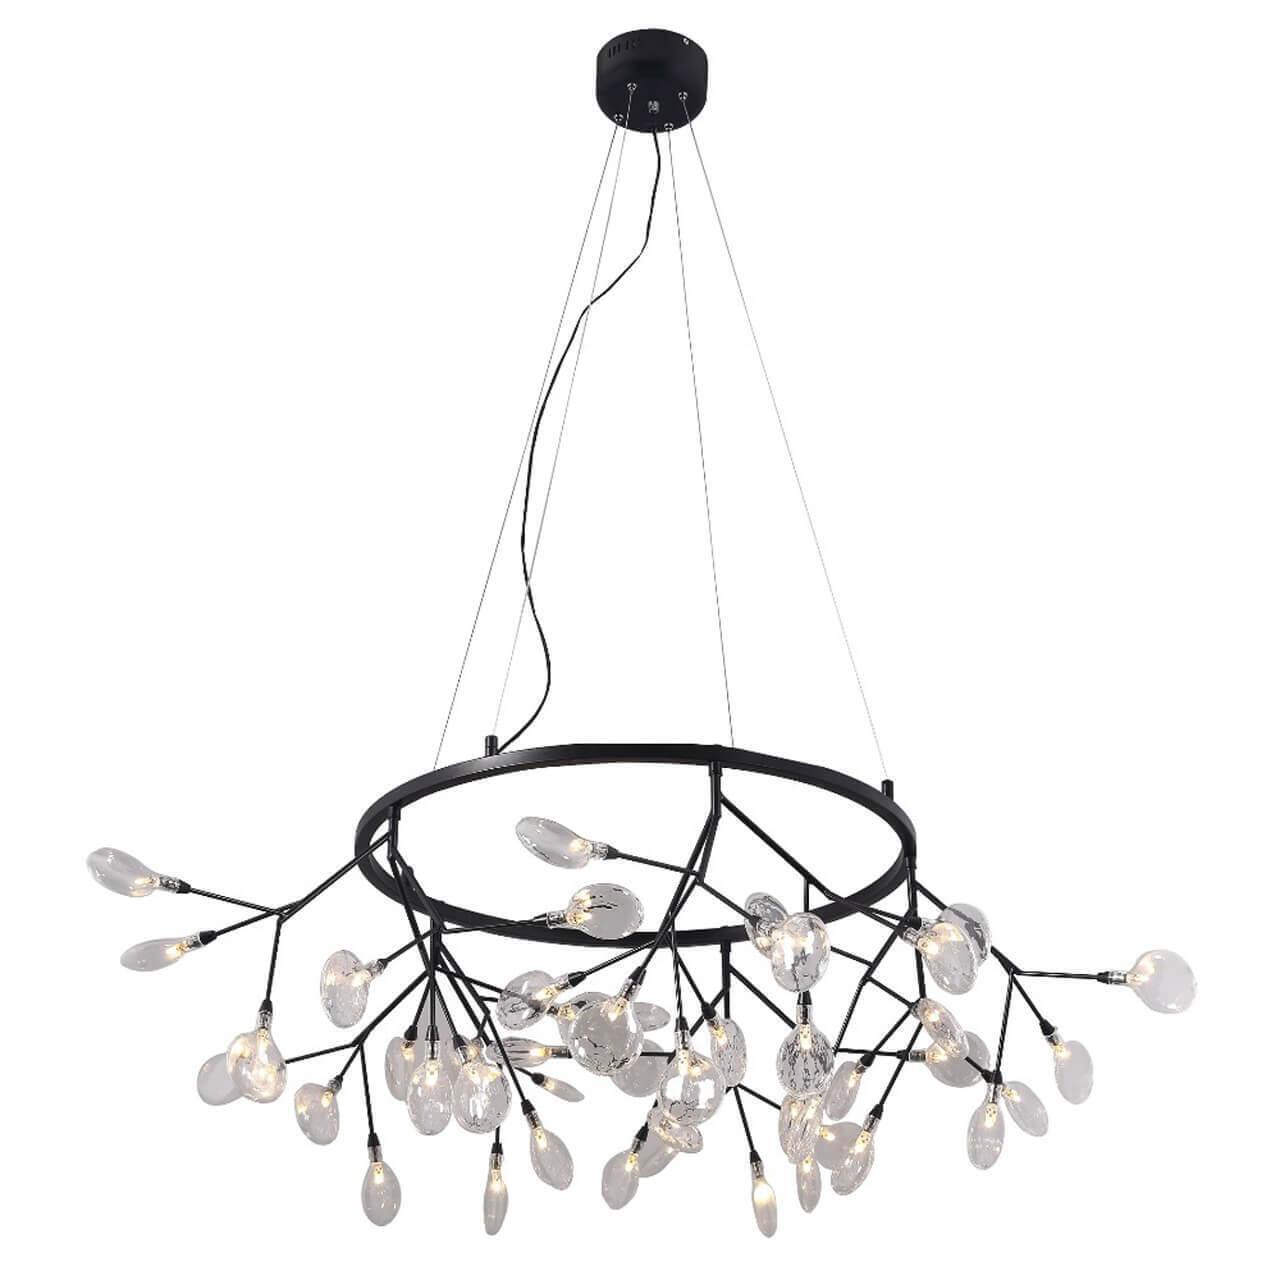 Подвесной светильник Crystal Lux Evita SP45 D BLack/Transparent, G4, 1 Вт